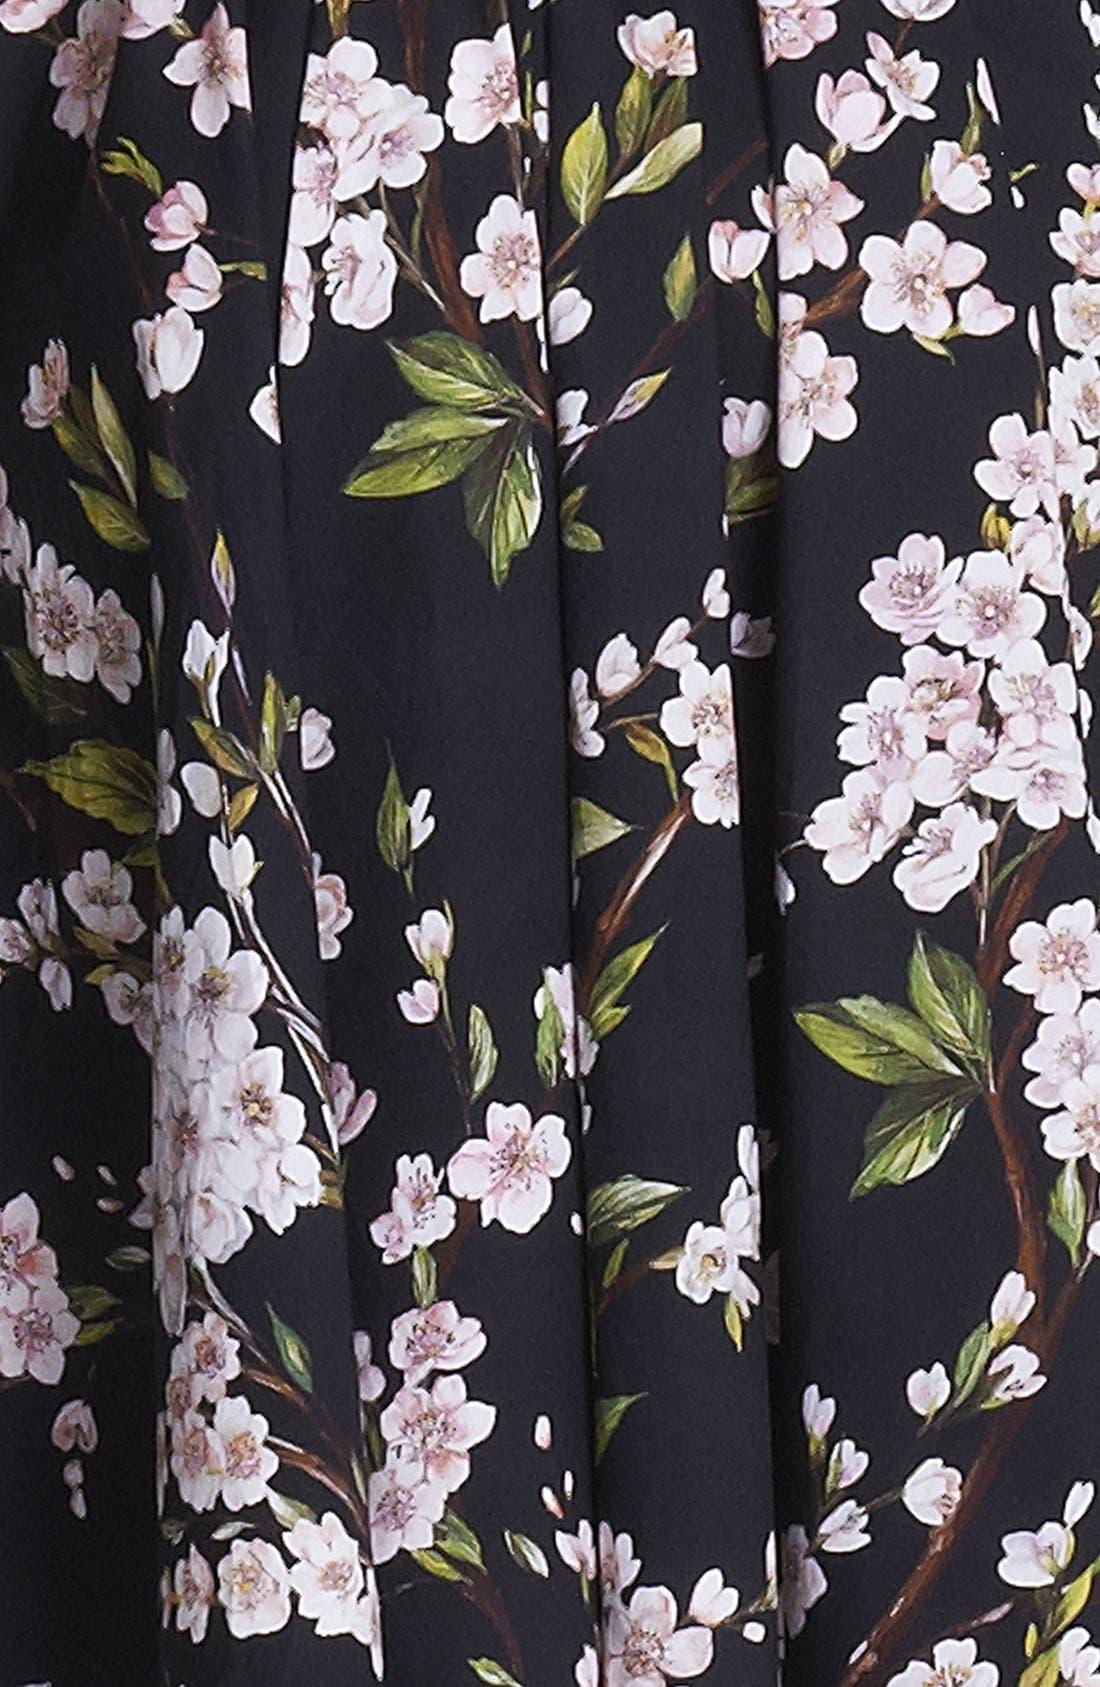 Print A-Line Cotton Skirt,                             Alternate thumbnail 3, color,                             001